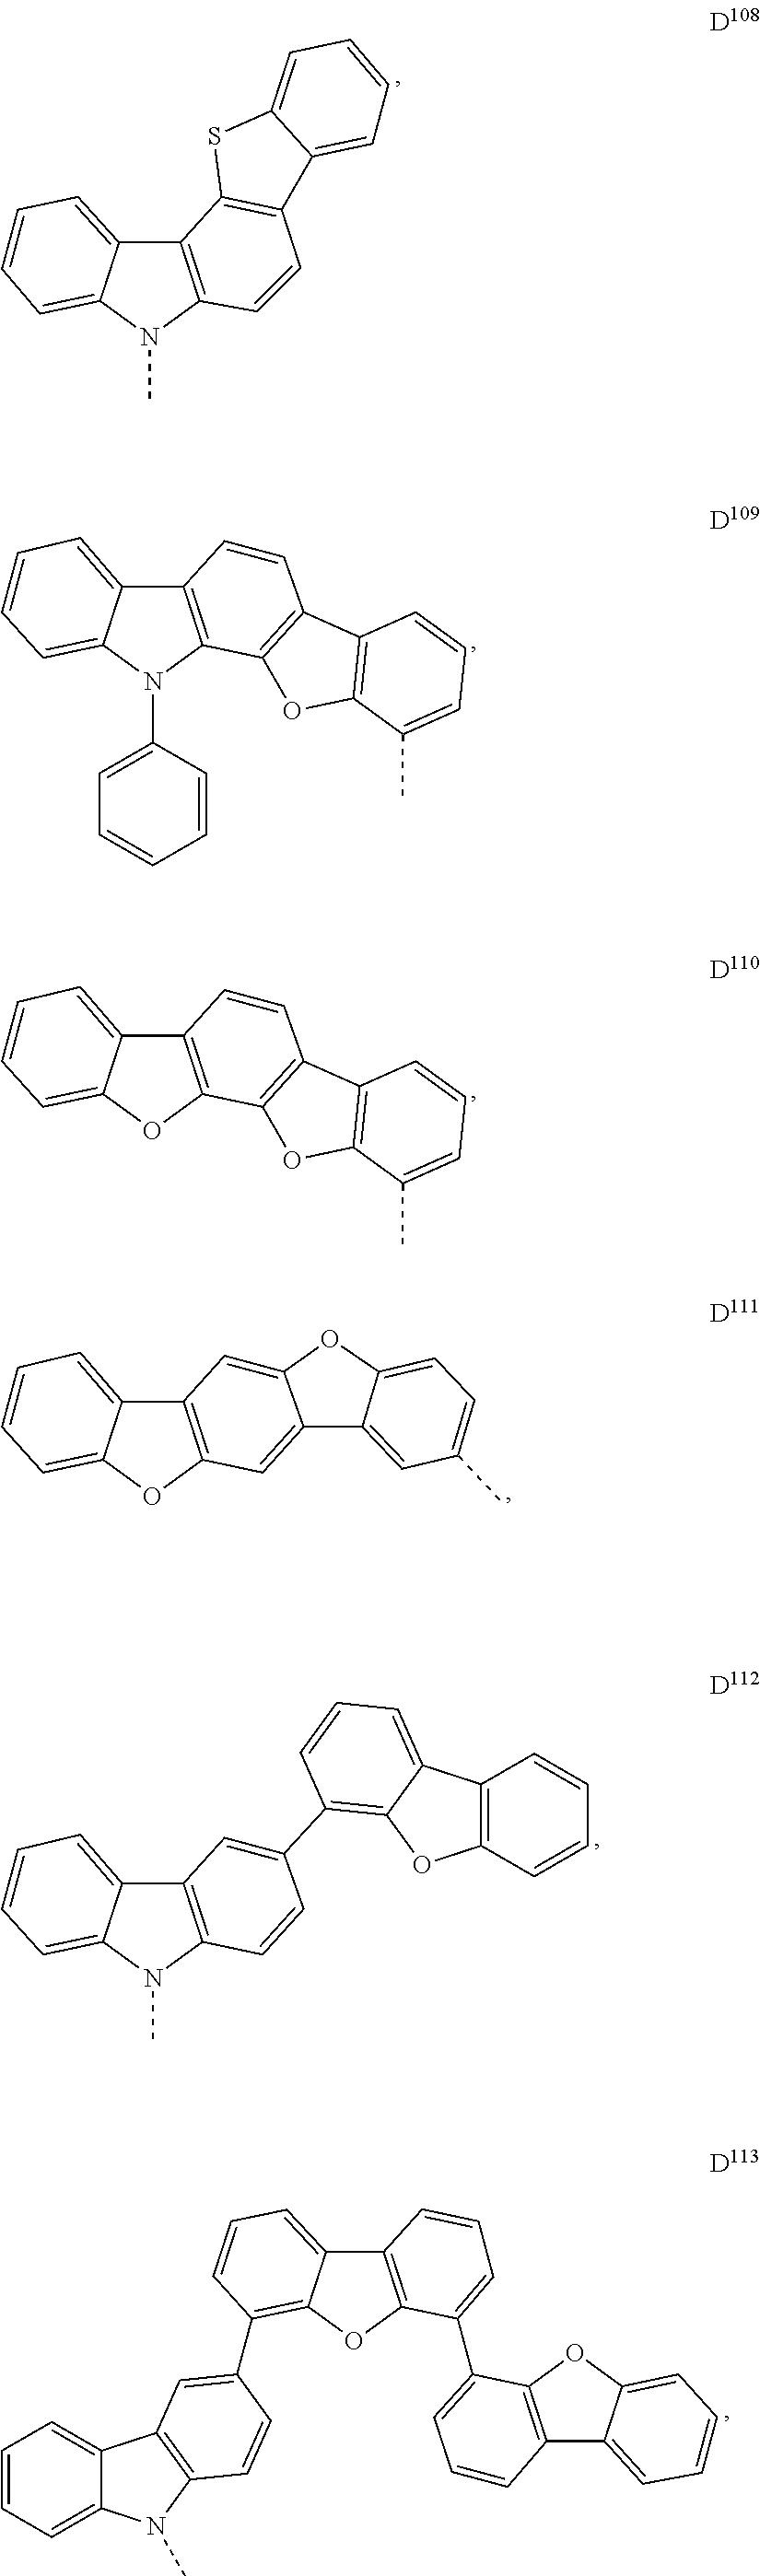 Figure US09209411-20151208-C00191